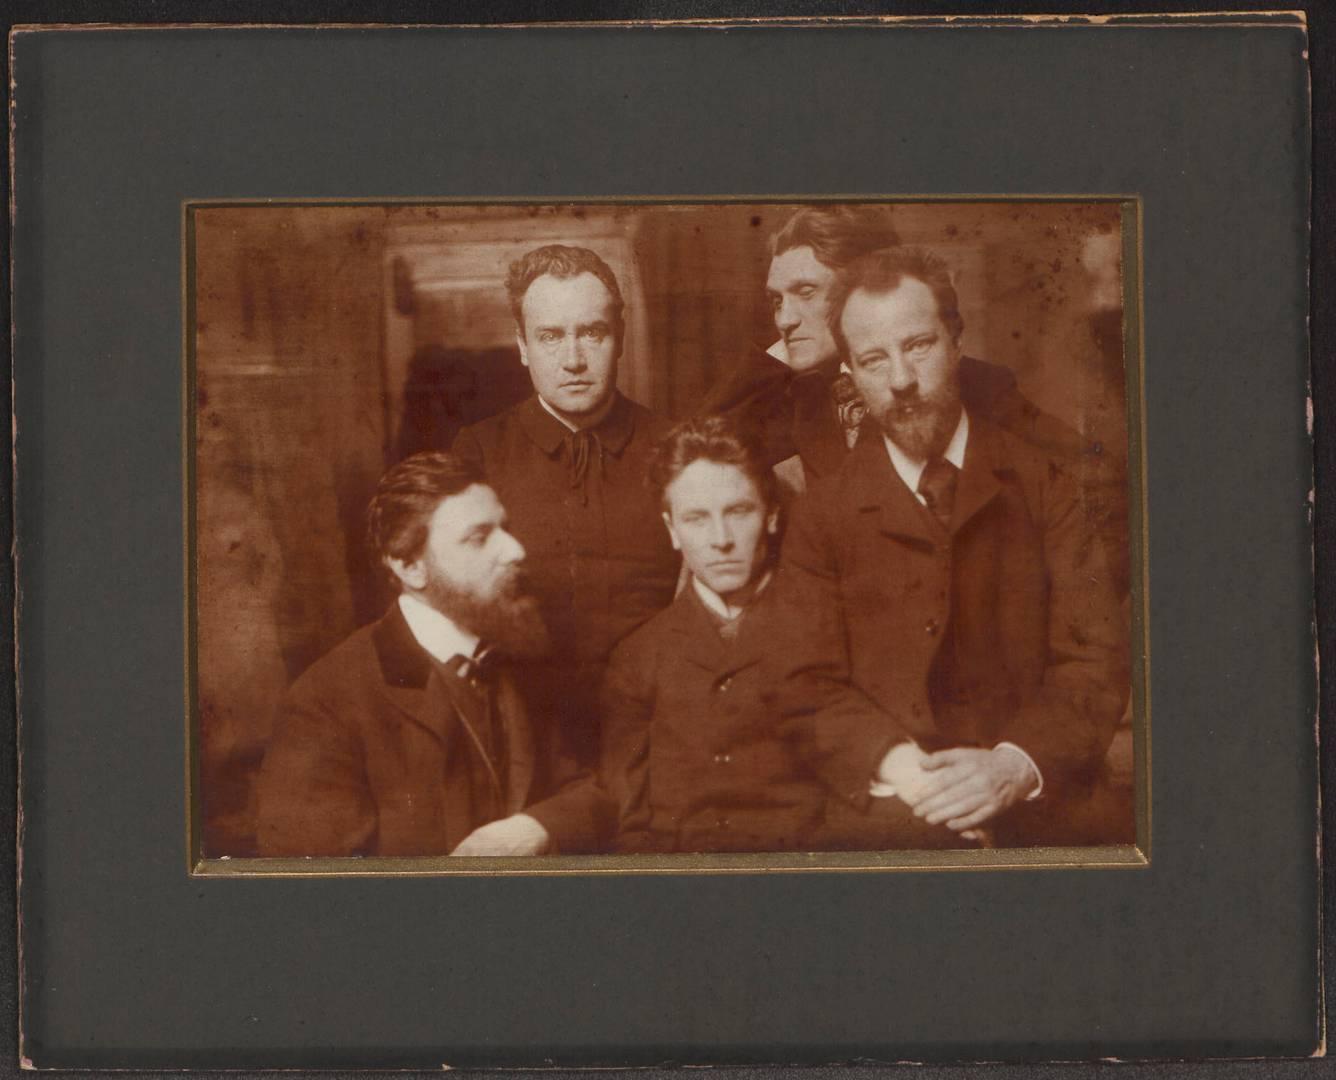 Альфред Шулер (второй слева) и Людвиг Клагес (третий слева). 1902